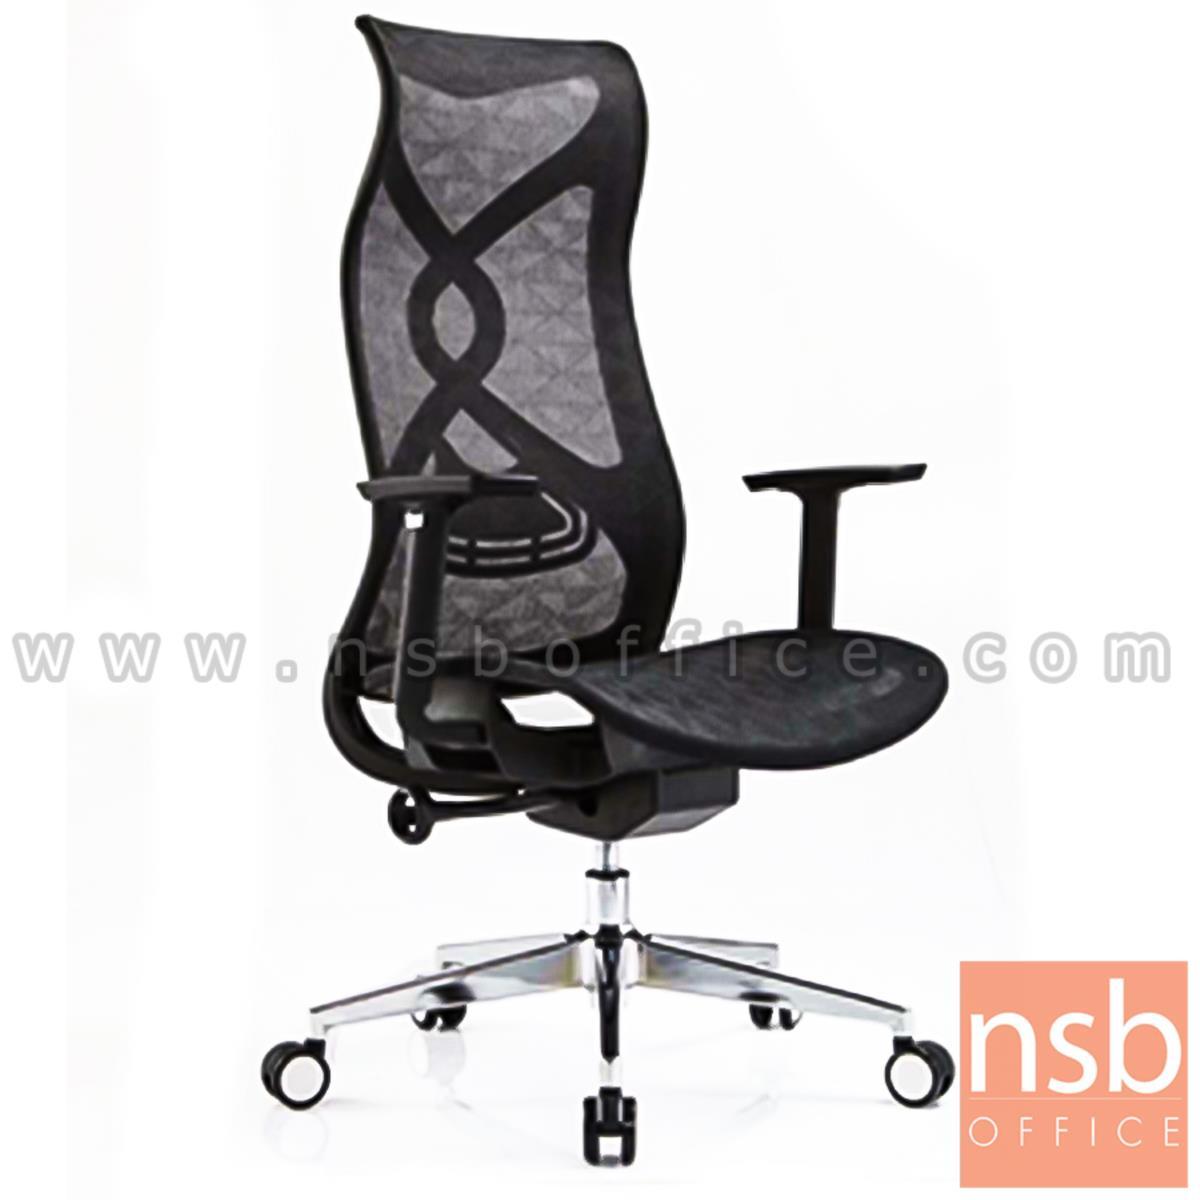 B28A128:เก้าอี้ผู้บริหารหลังเน็ต รุ่น Optimus (ออพติมัส)  โช๊คแก๊ส ก้อนโยก ขาเหล็กชุบโครเมี่ยม